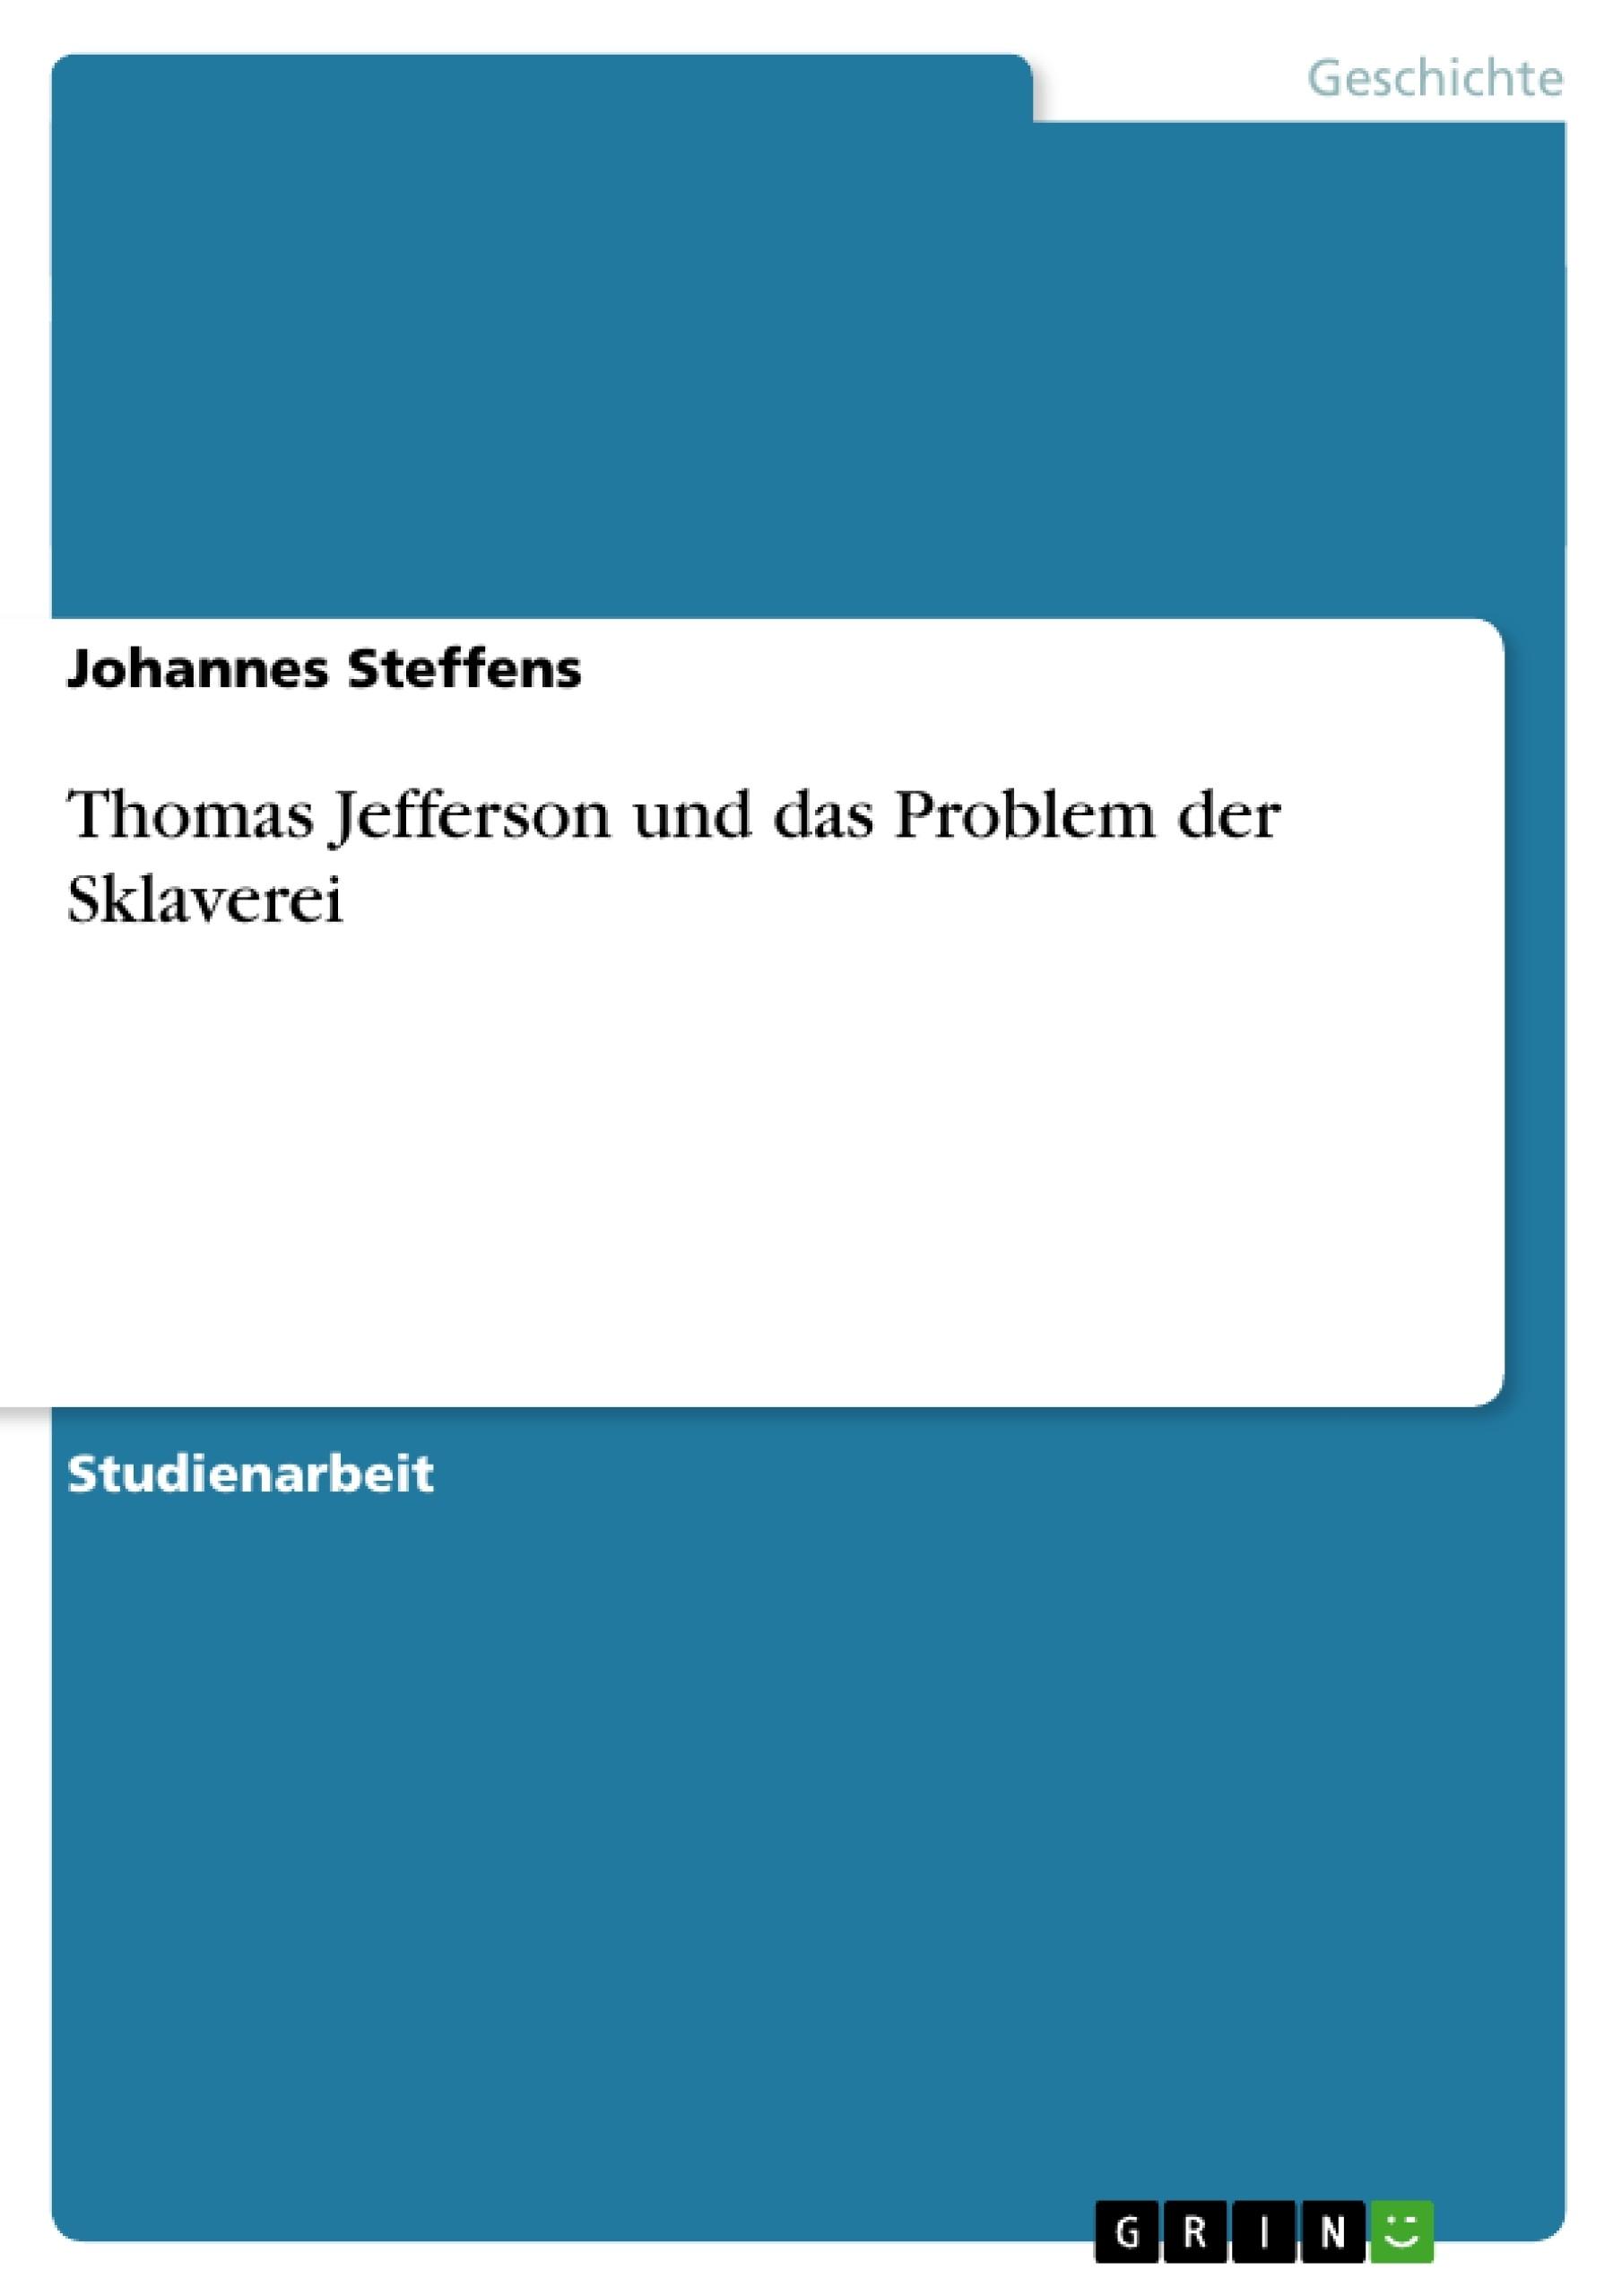 Titel: Thomas Jefferson und das Problem der Sklaverei